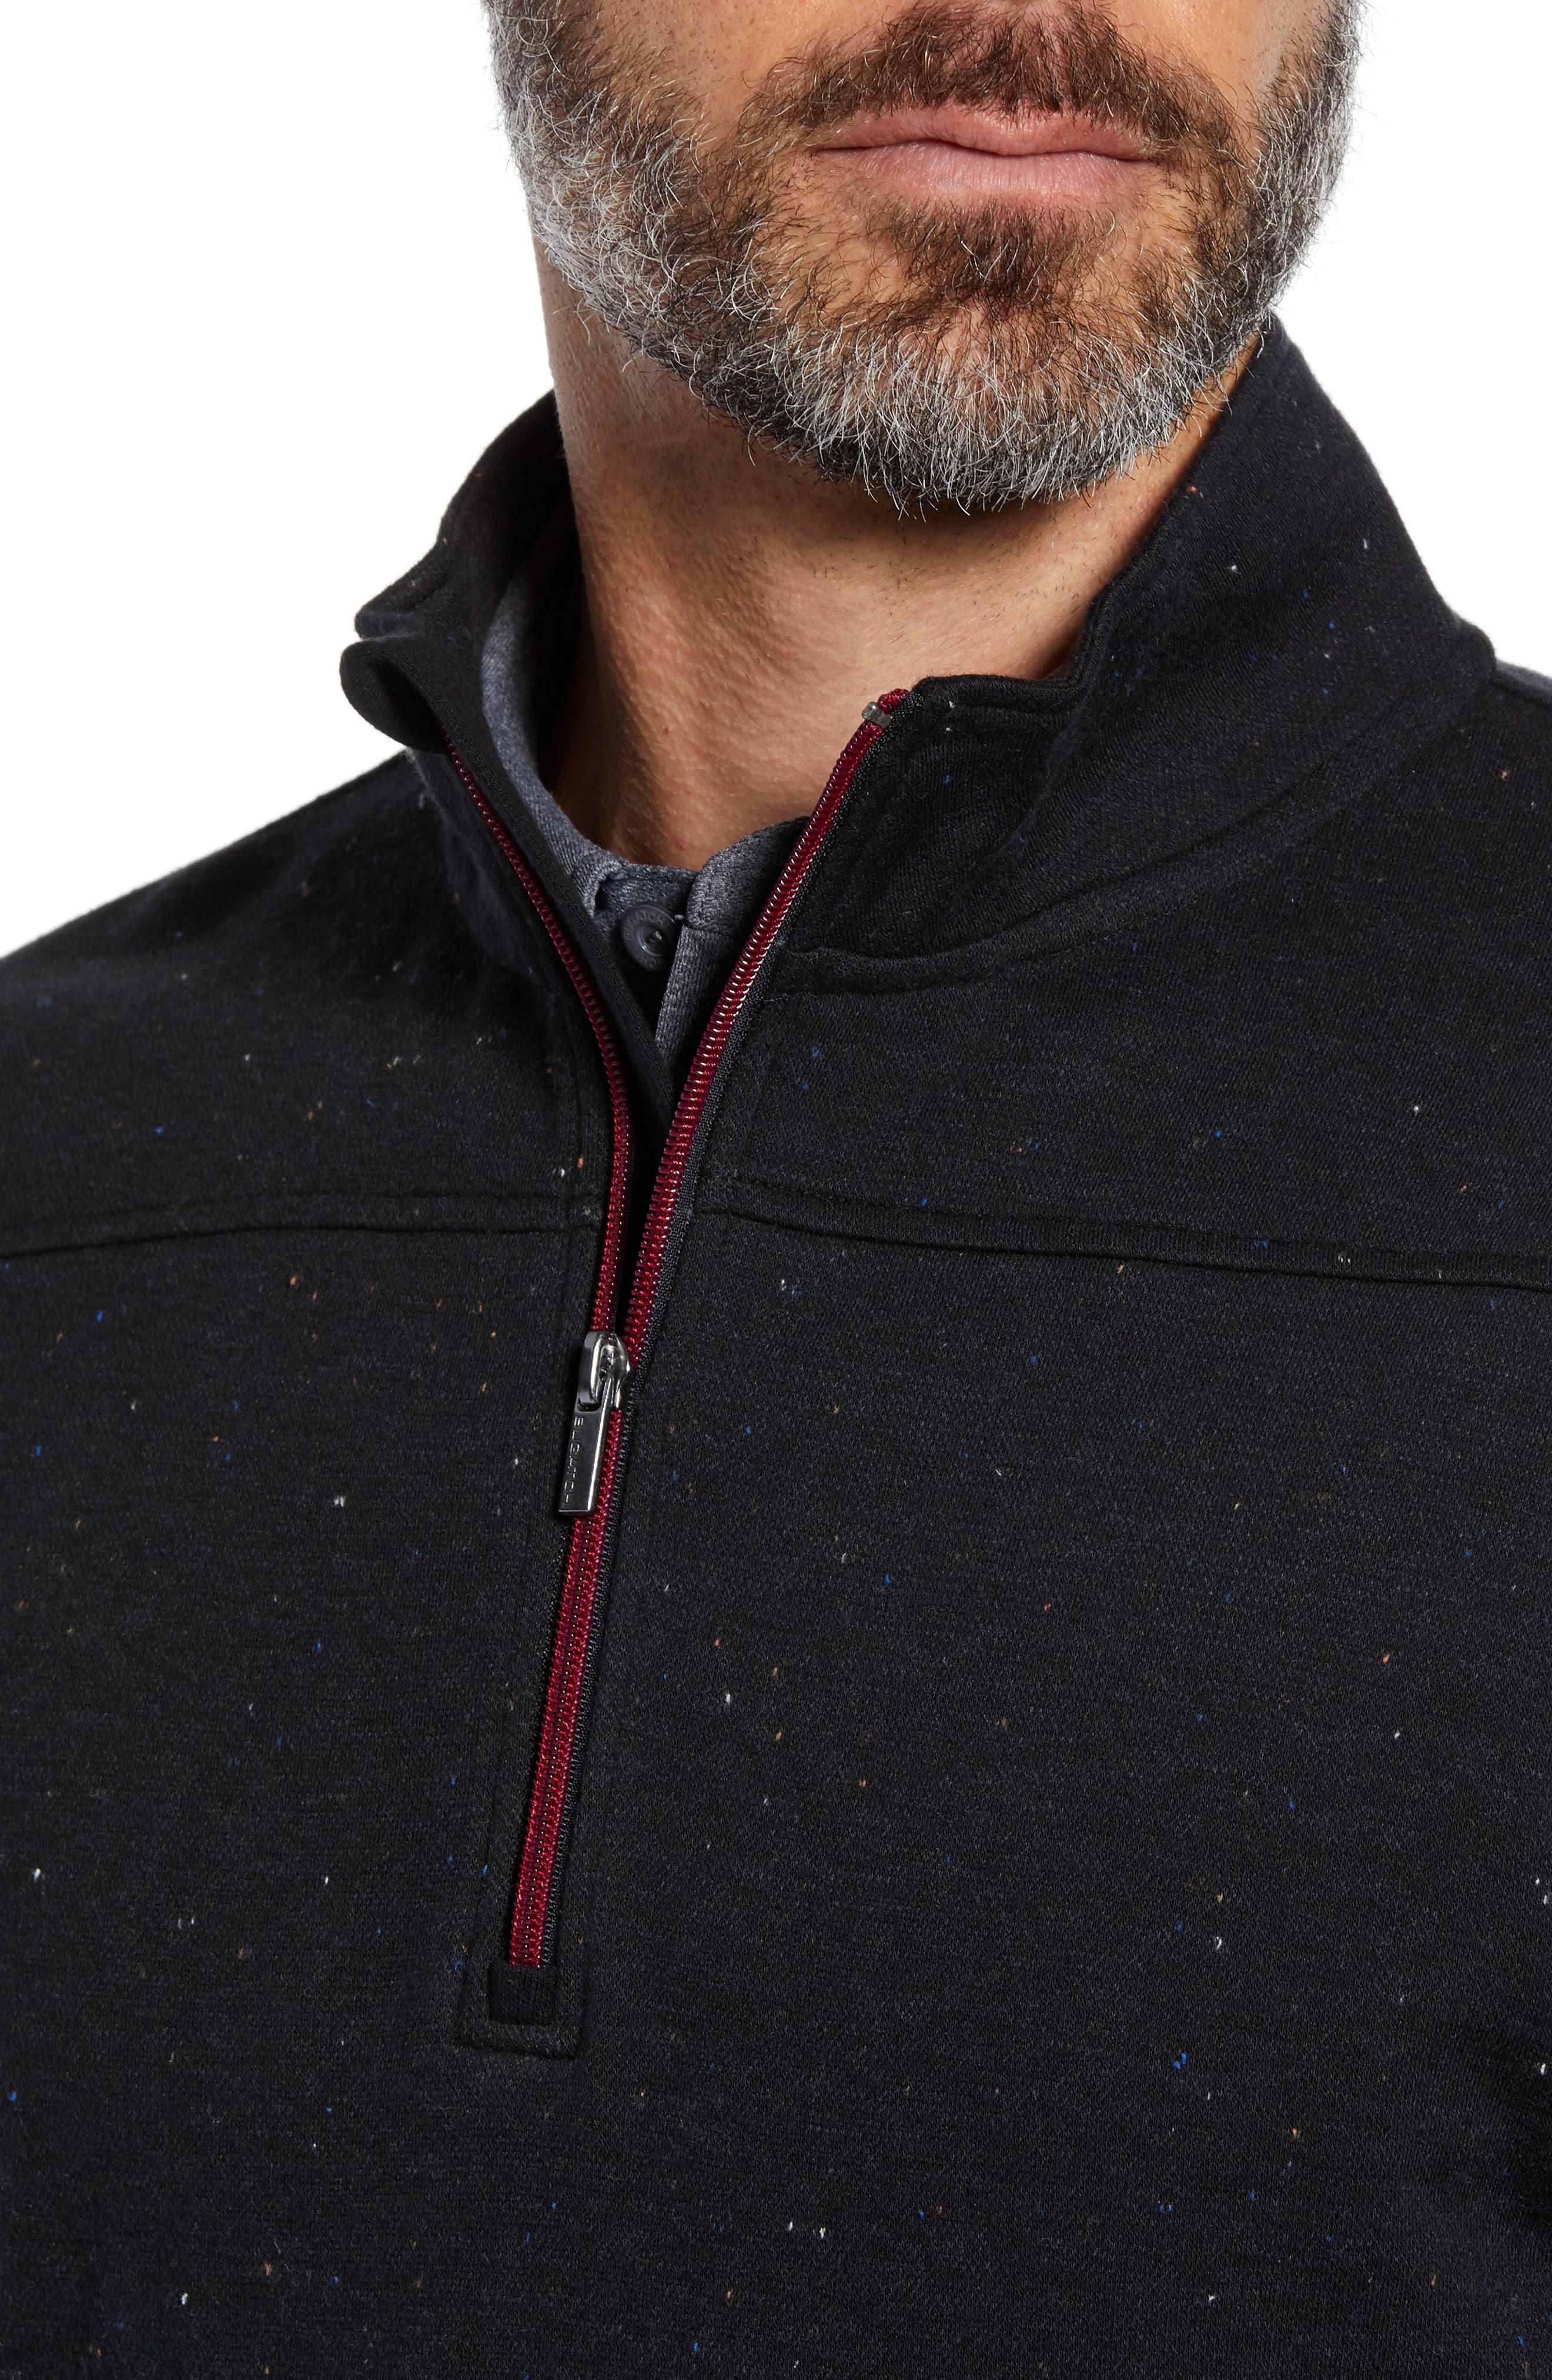 Regular Fit Pullover Sweatshirt,                             Alternate thumbnail 4, color,                             NAVY